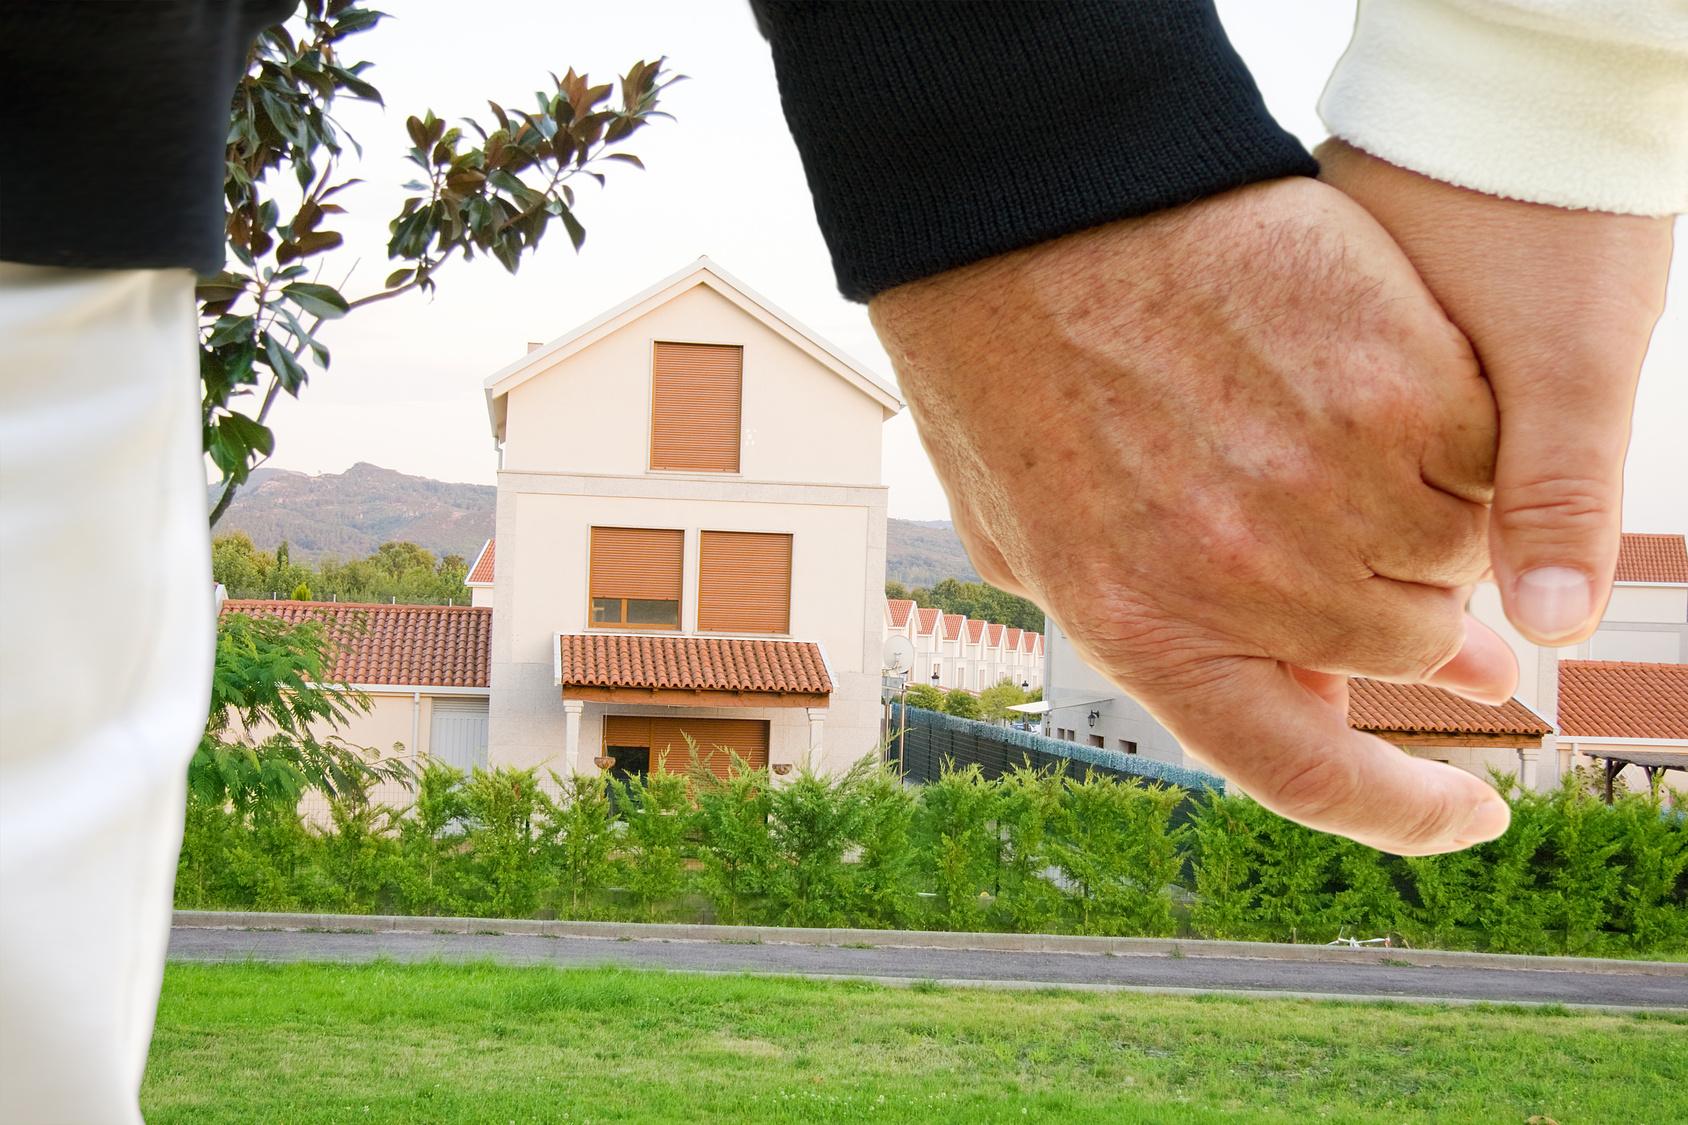 L 39 aide sociale en maison de retraite for Aides maison de retraite